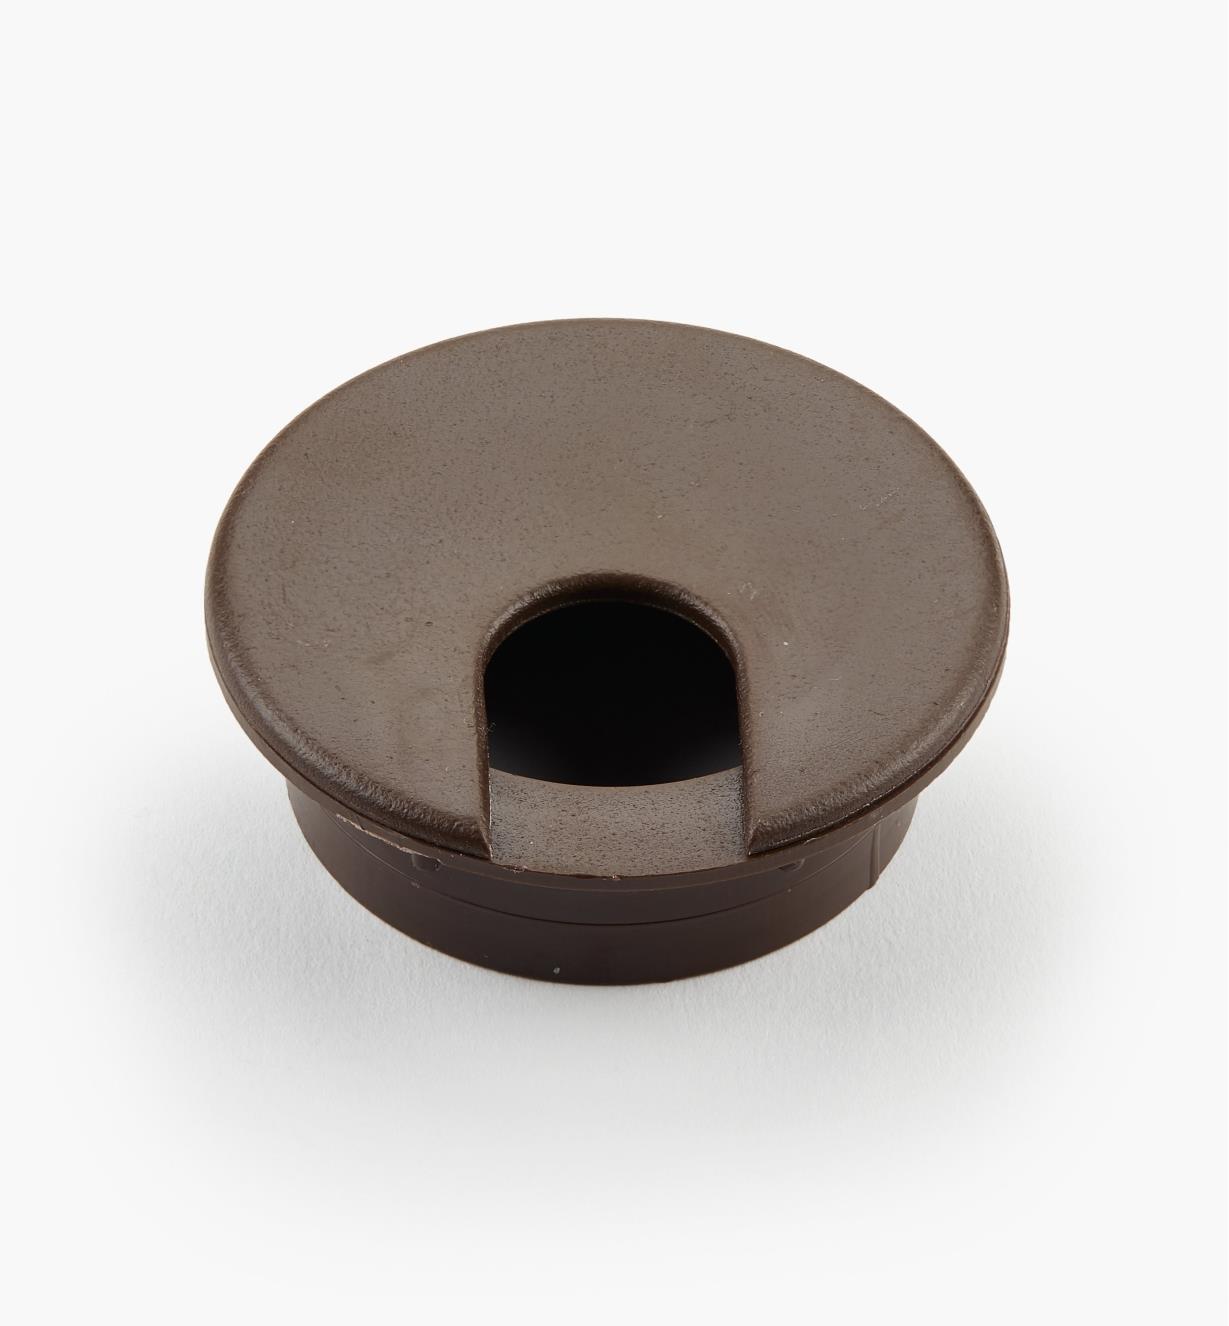 00U0842 - Passe-câble en plastique brun de 2po